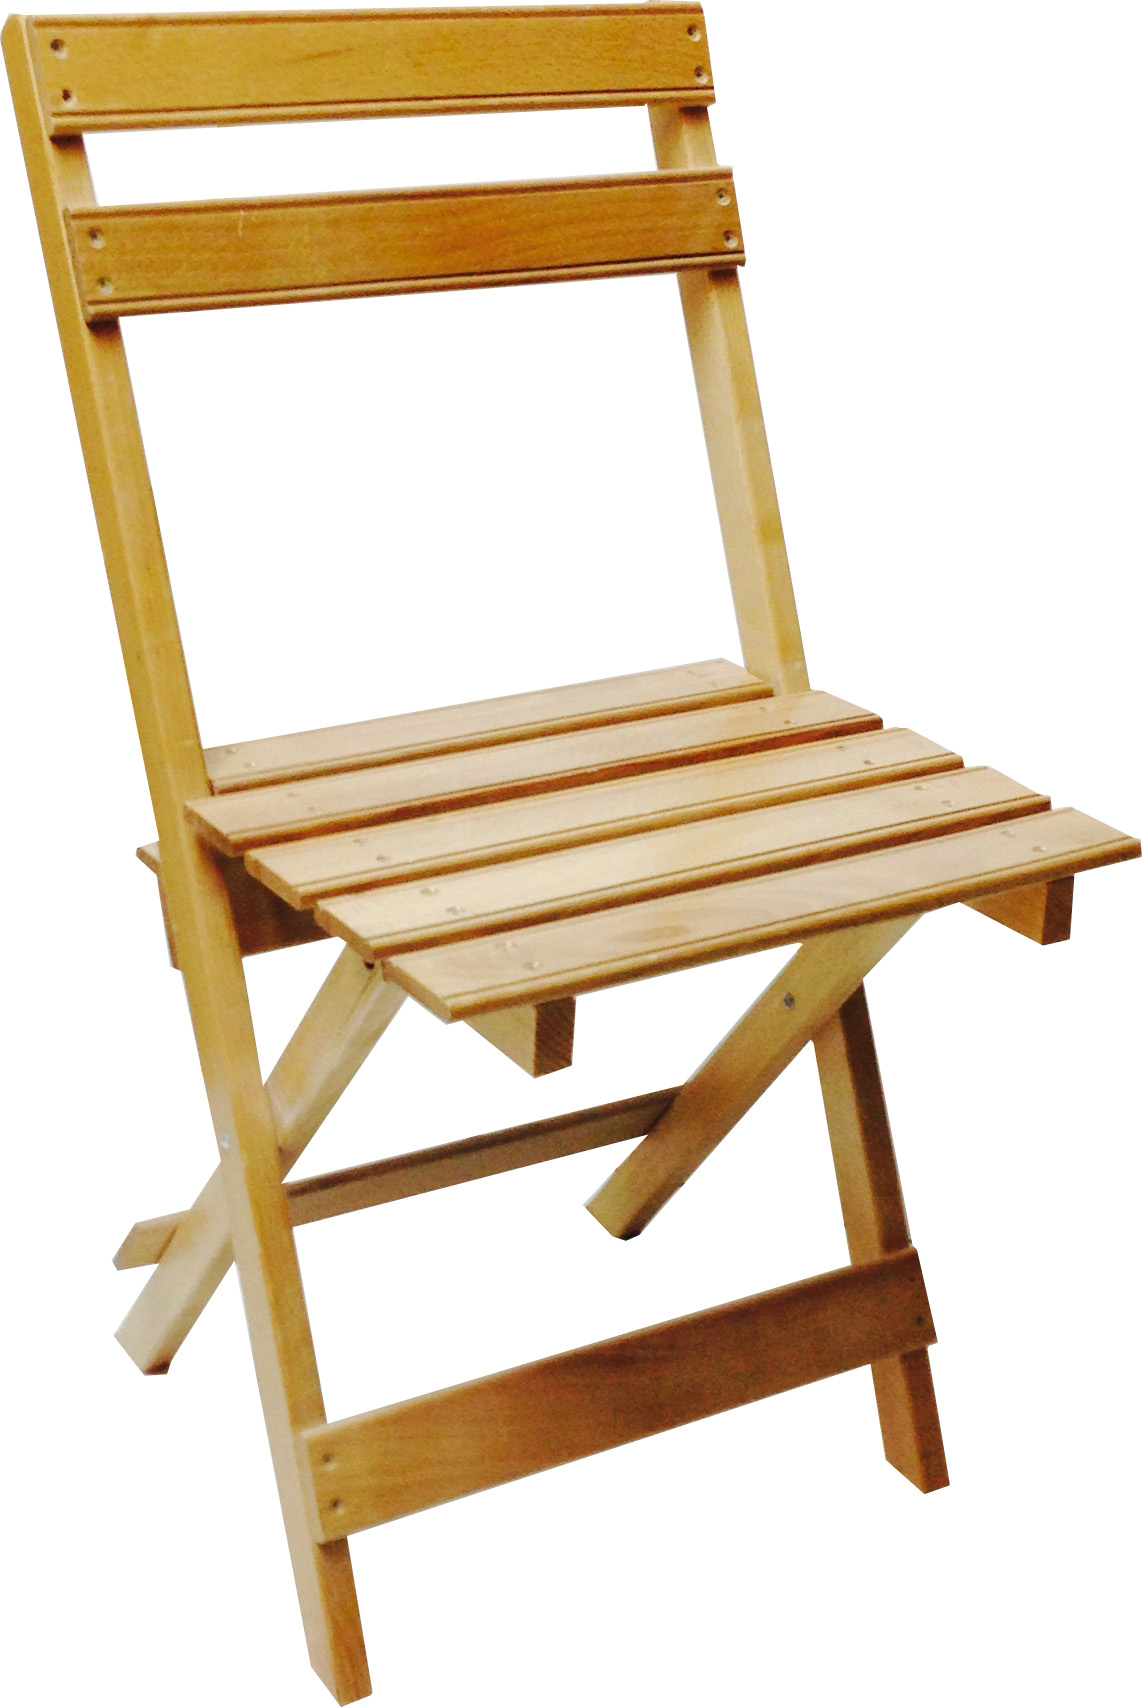 precio silla plegable madera